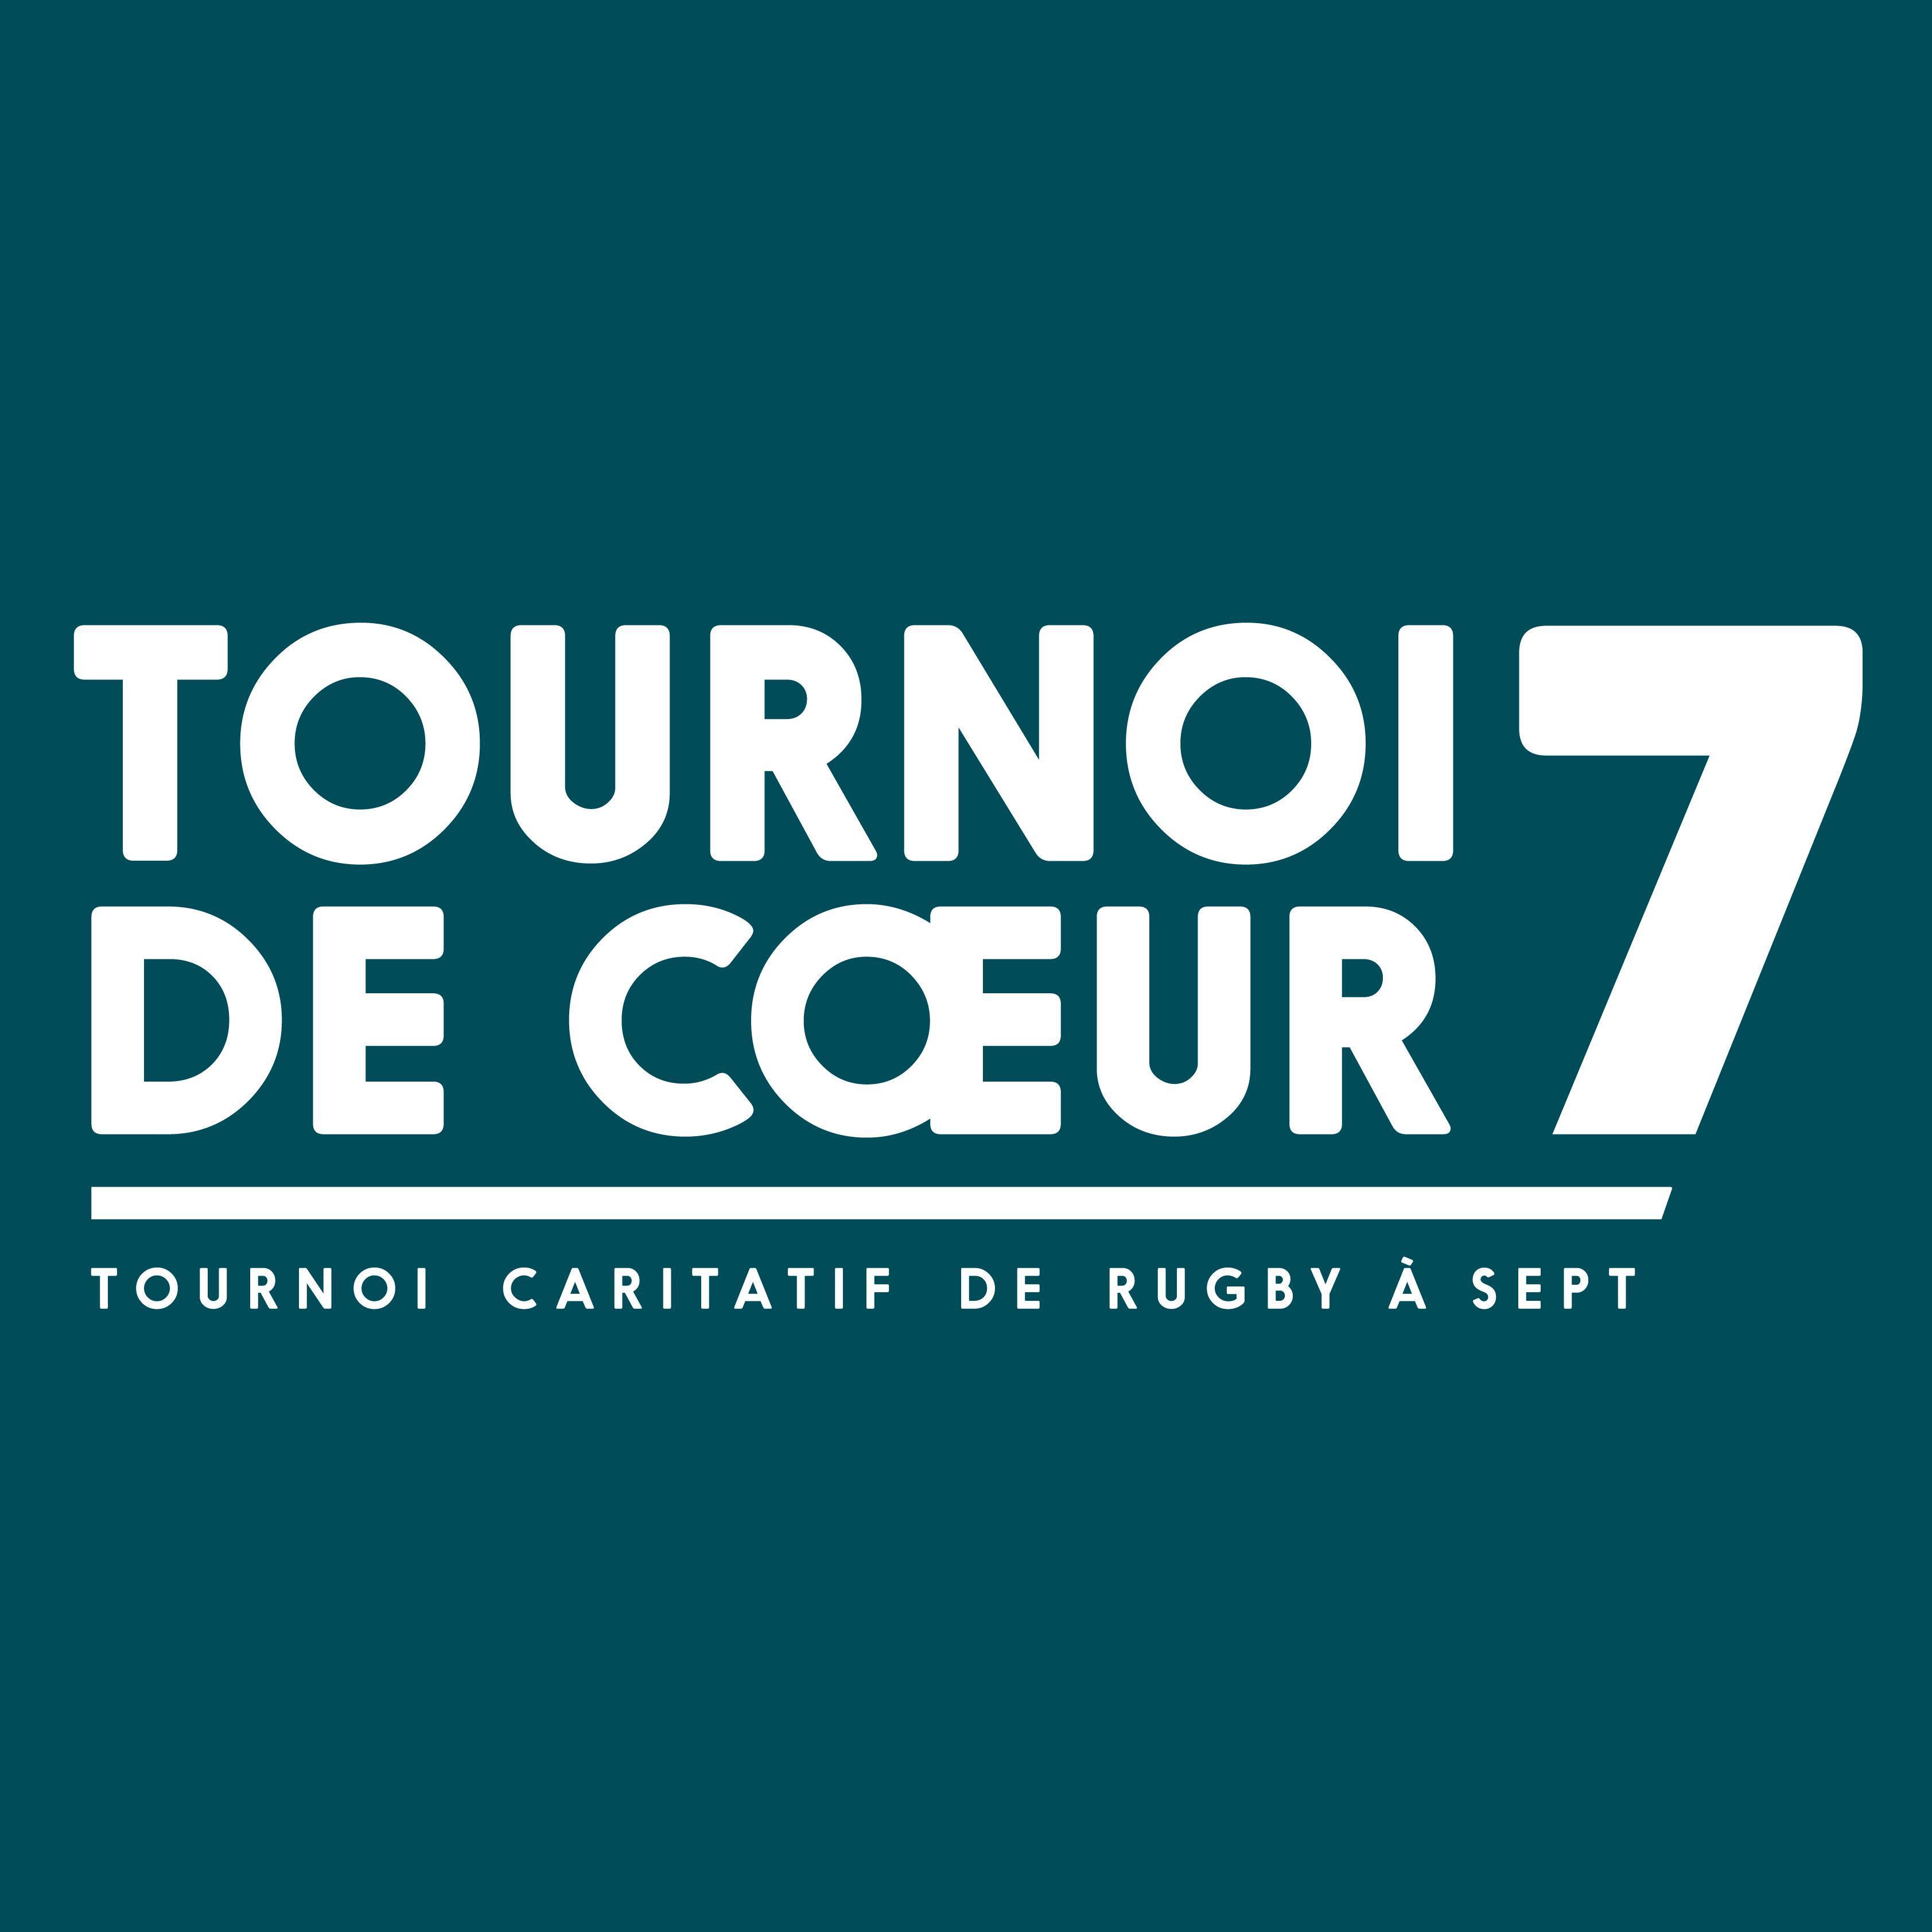 Tournoi 7 de Coeur